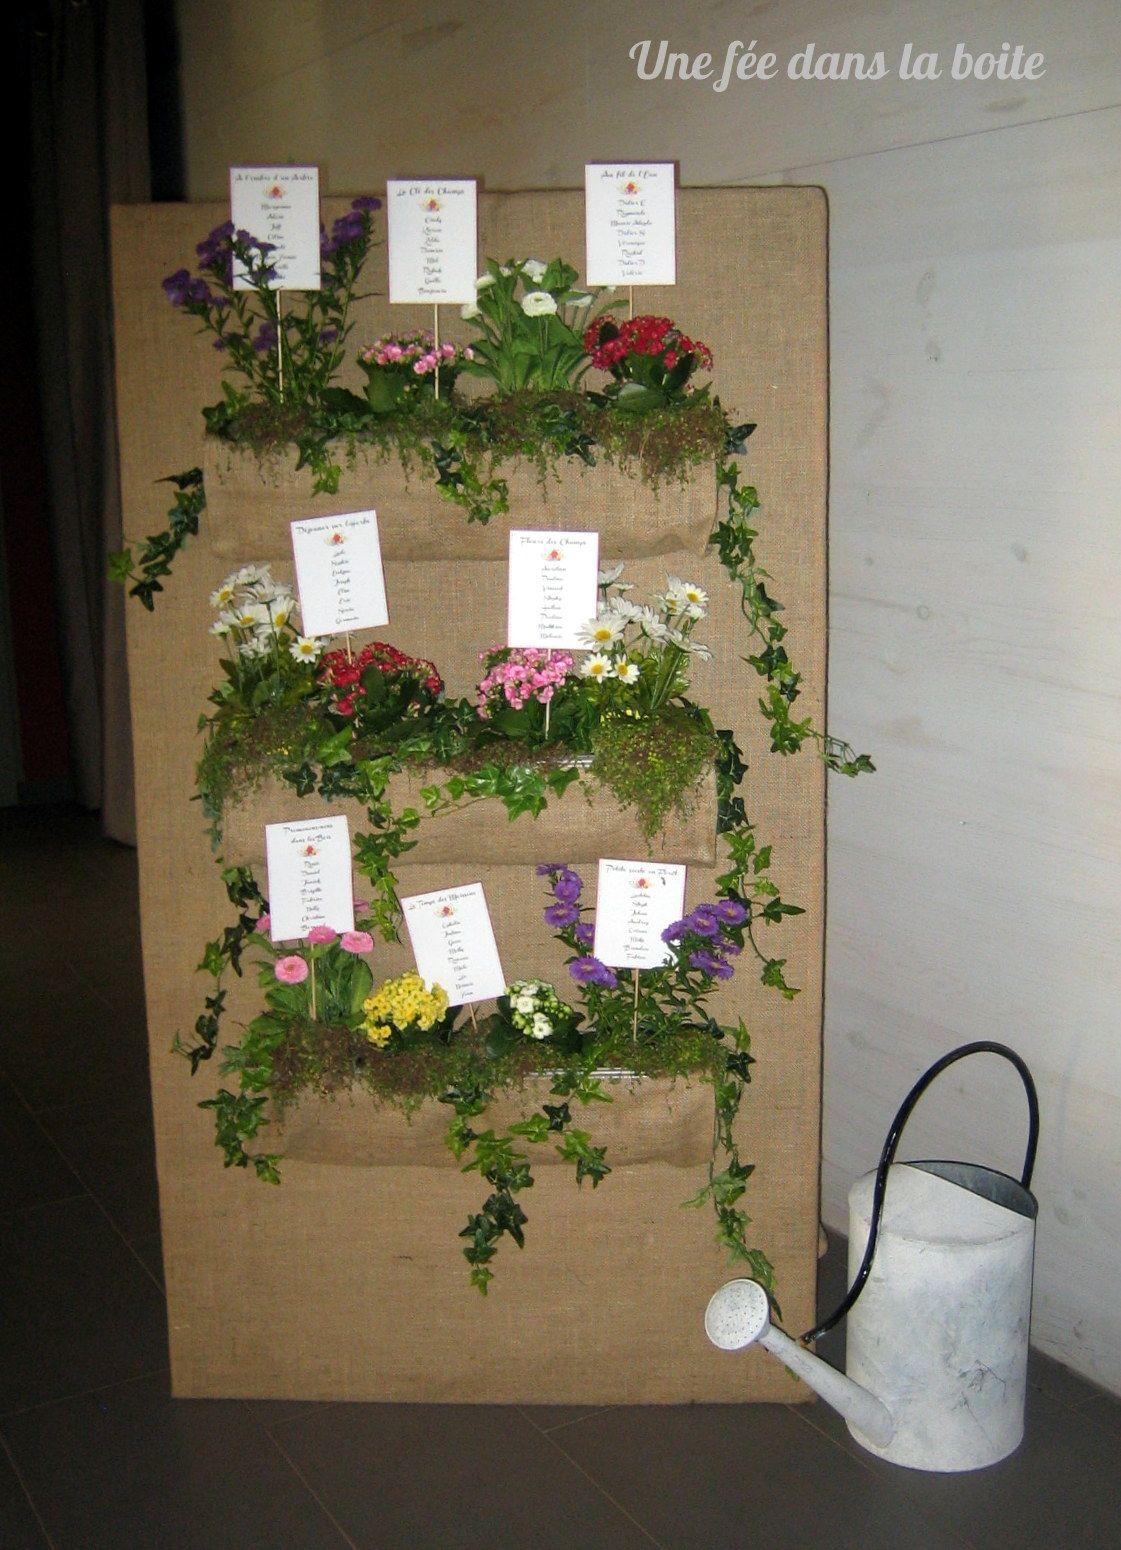 mariage campagne chic plan de table mur v g tal fleuri les jolis mariage d 39 une f e dans la. Black Bedroom Furniture Sets. Home Design Ideas